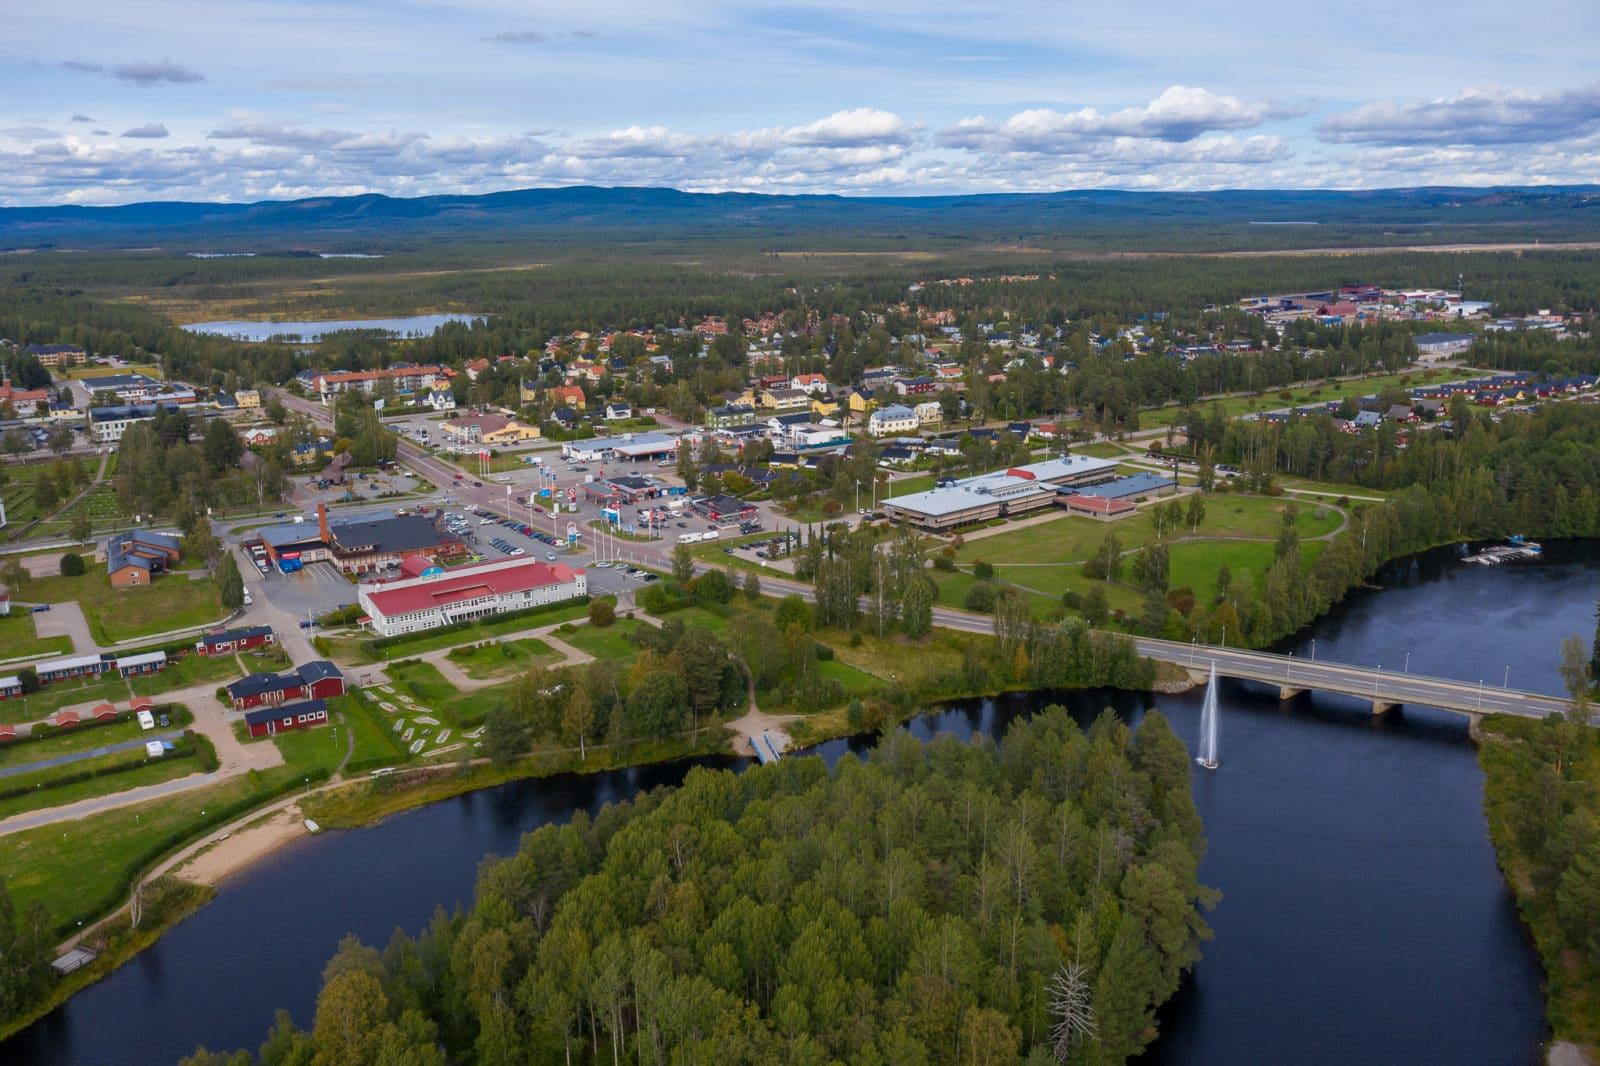 Besöksnäringen i Härjedalens kommun har tappat 350 miljoner kronor i omsättning under våren. Foto: Morgan Grip